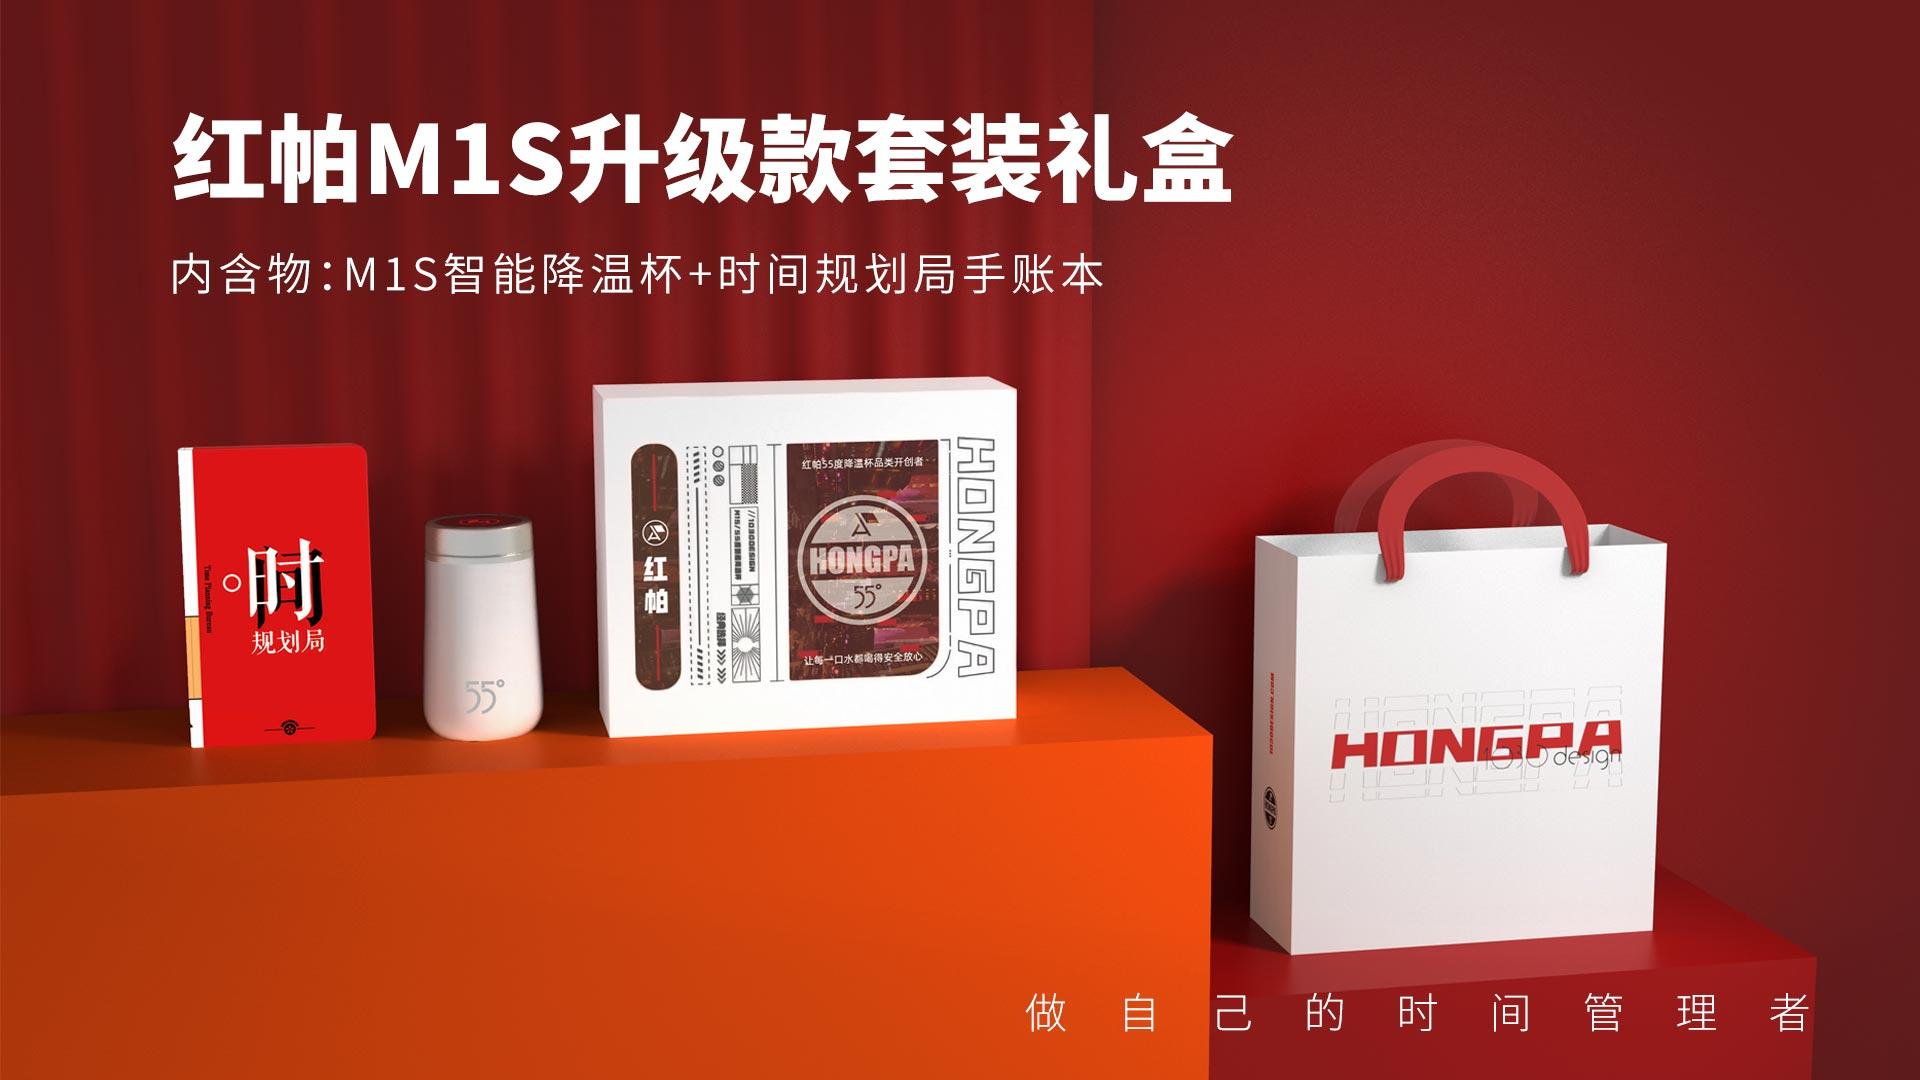 深圳红帕55度智能降温杯销售